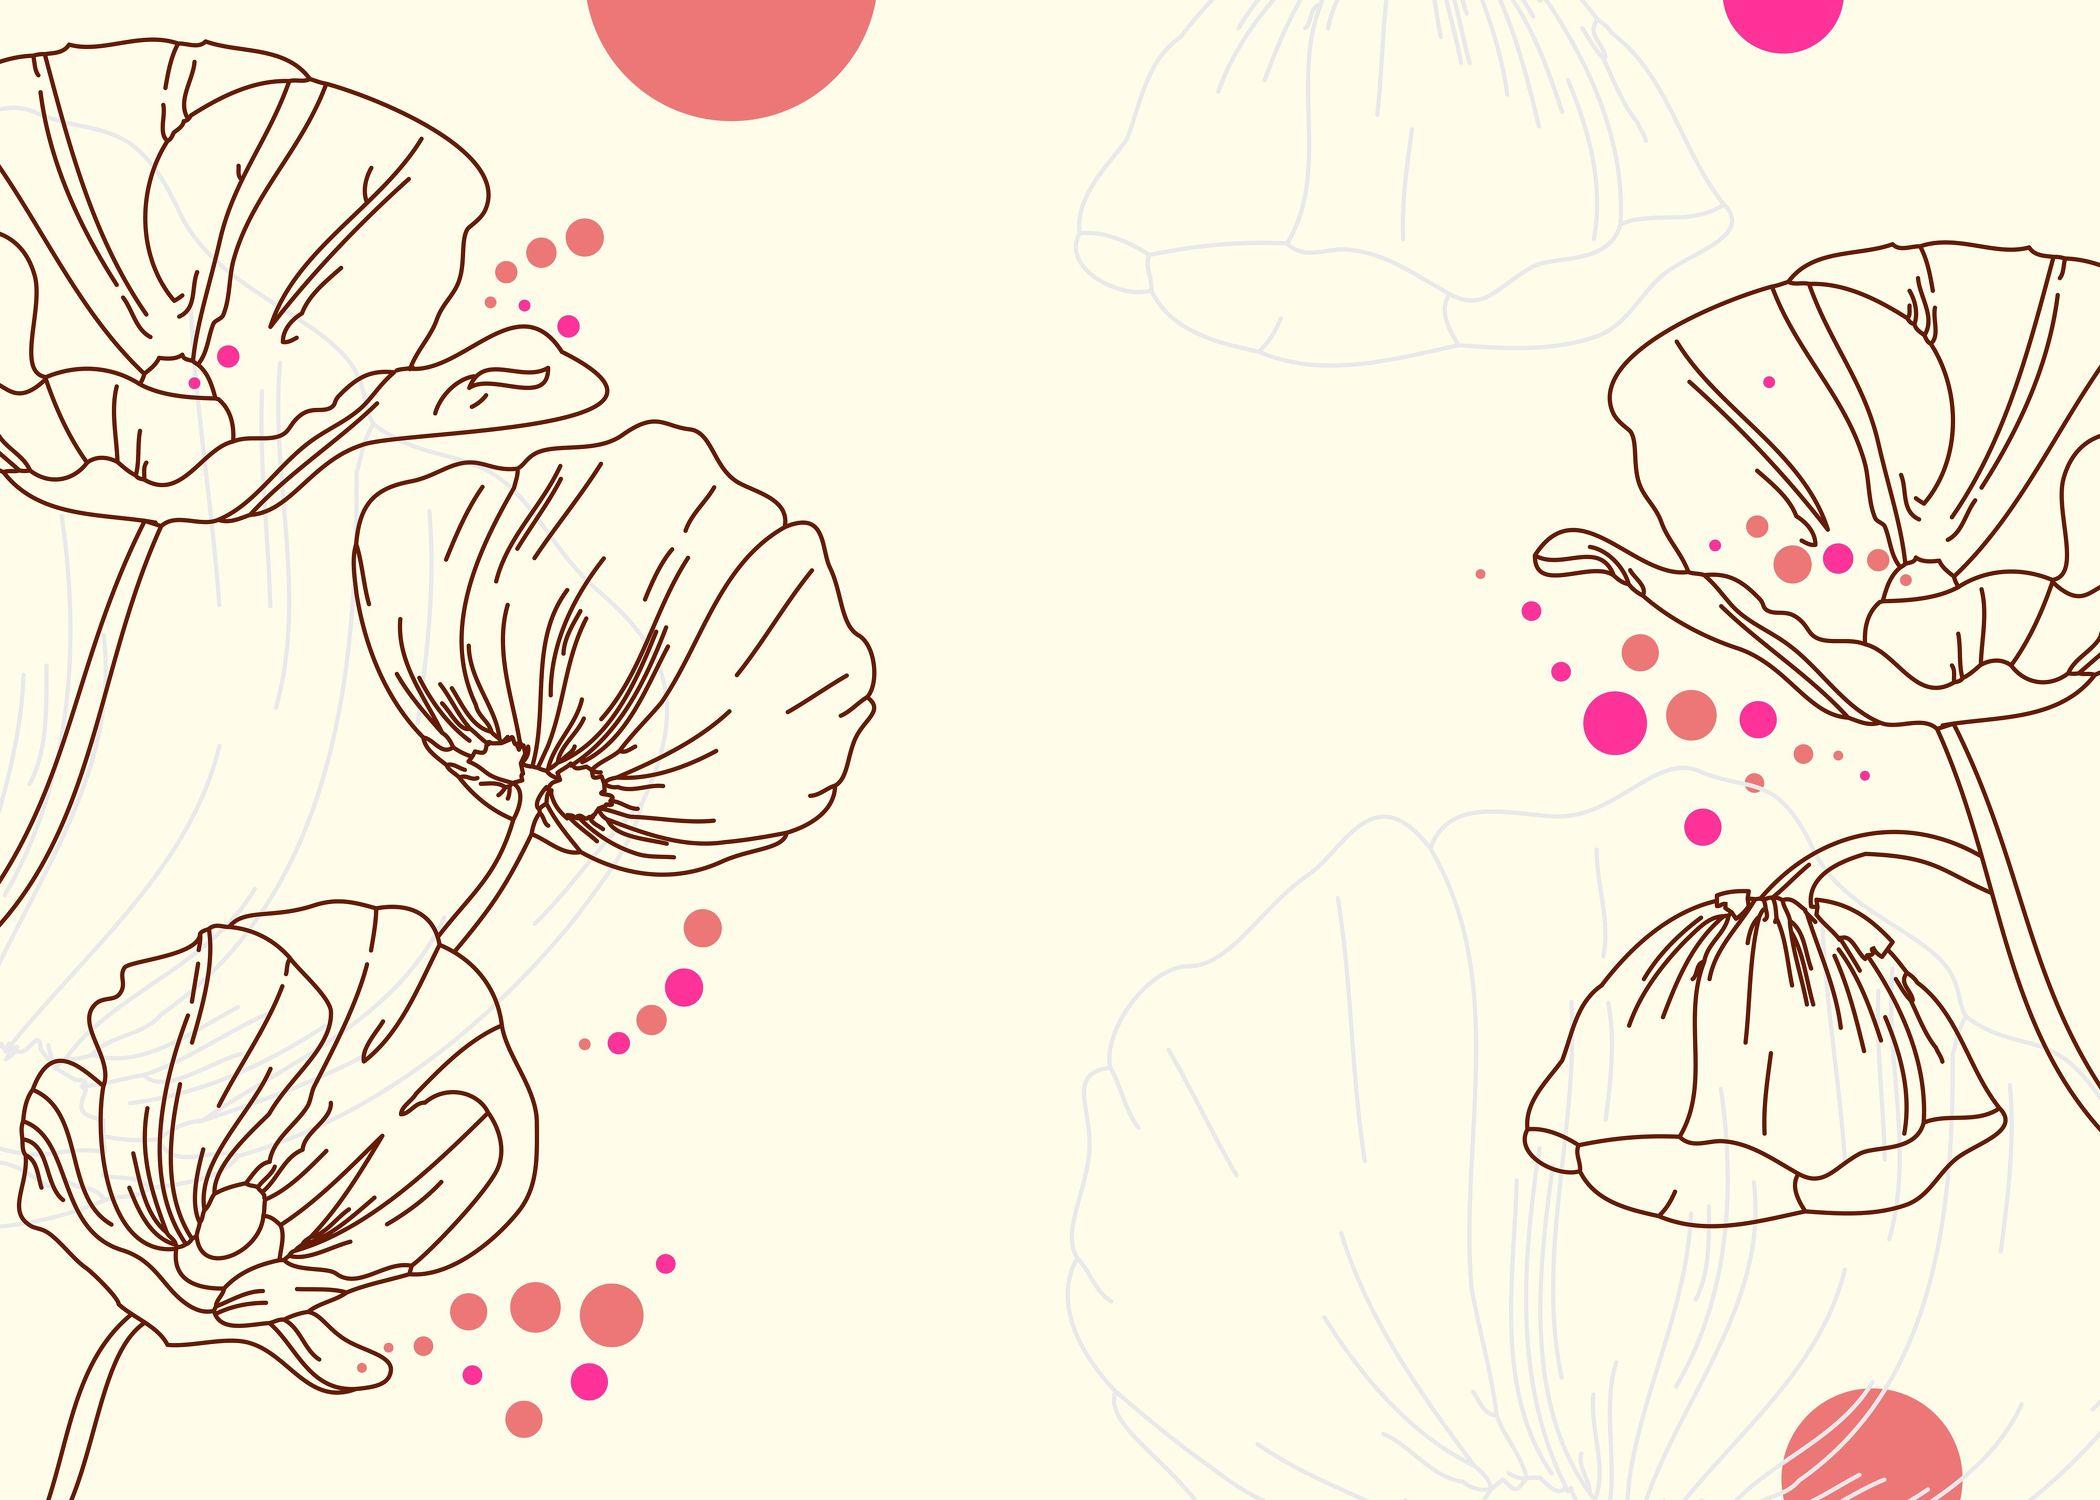 Bild mit Zeichnung, Illustration, Zeichnung von Mohnblumen, Illustration Mohnblumen, Tapete, fototapete, wand